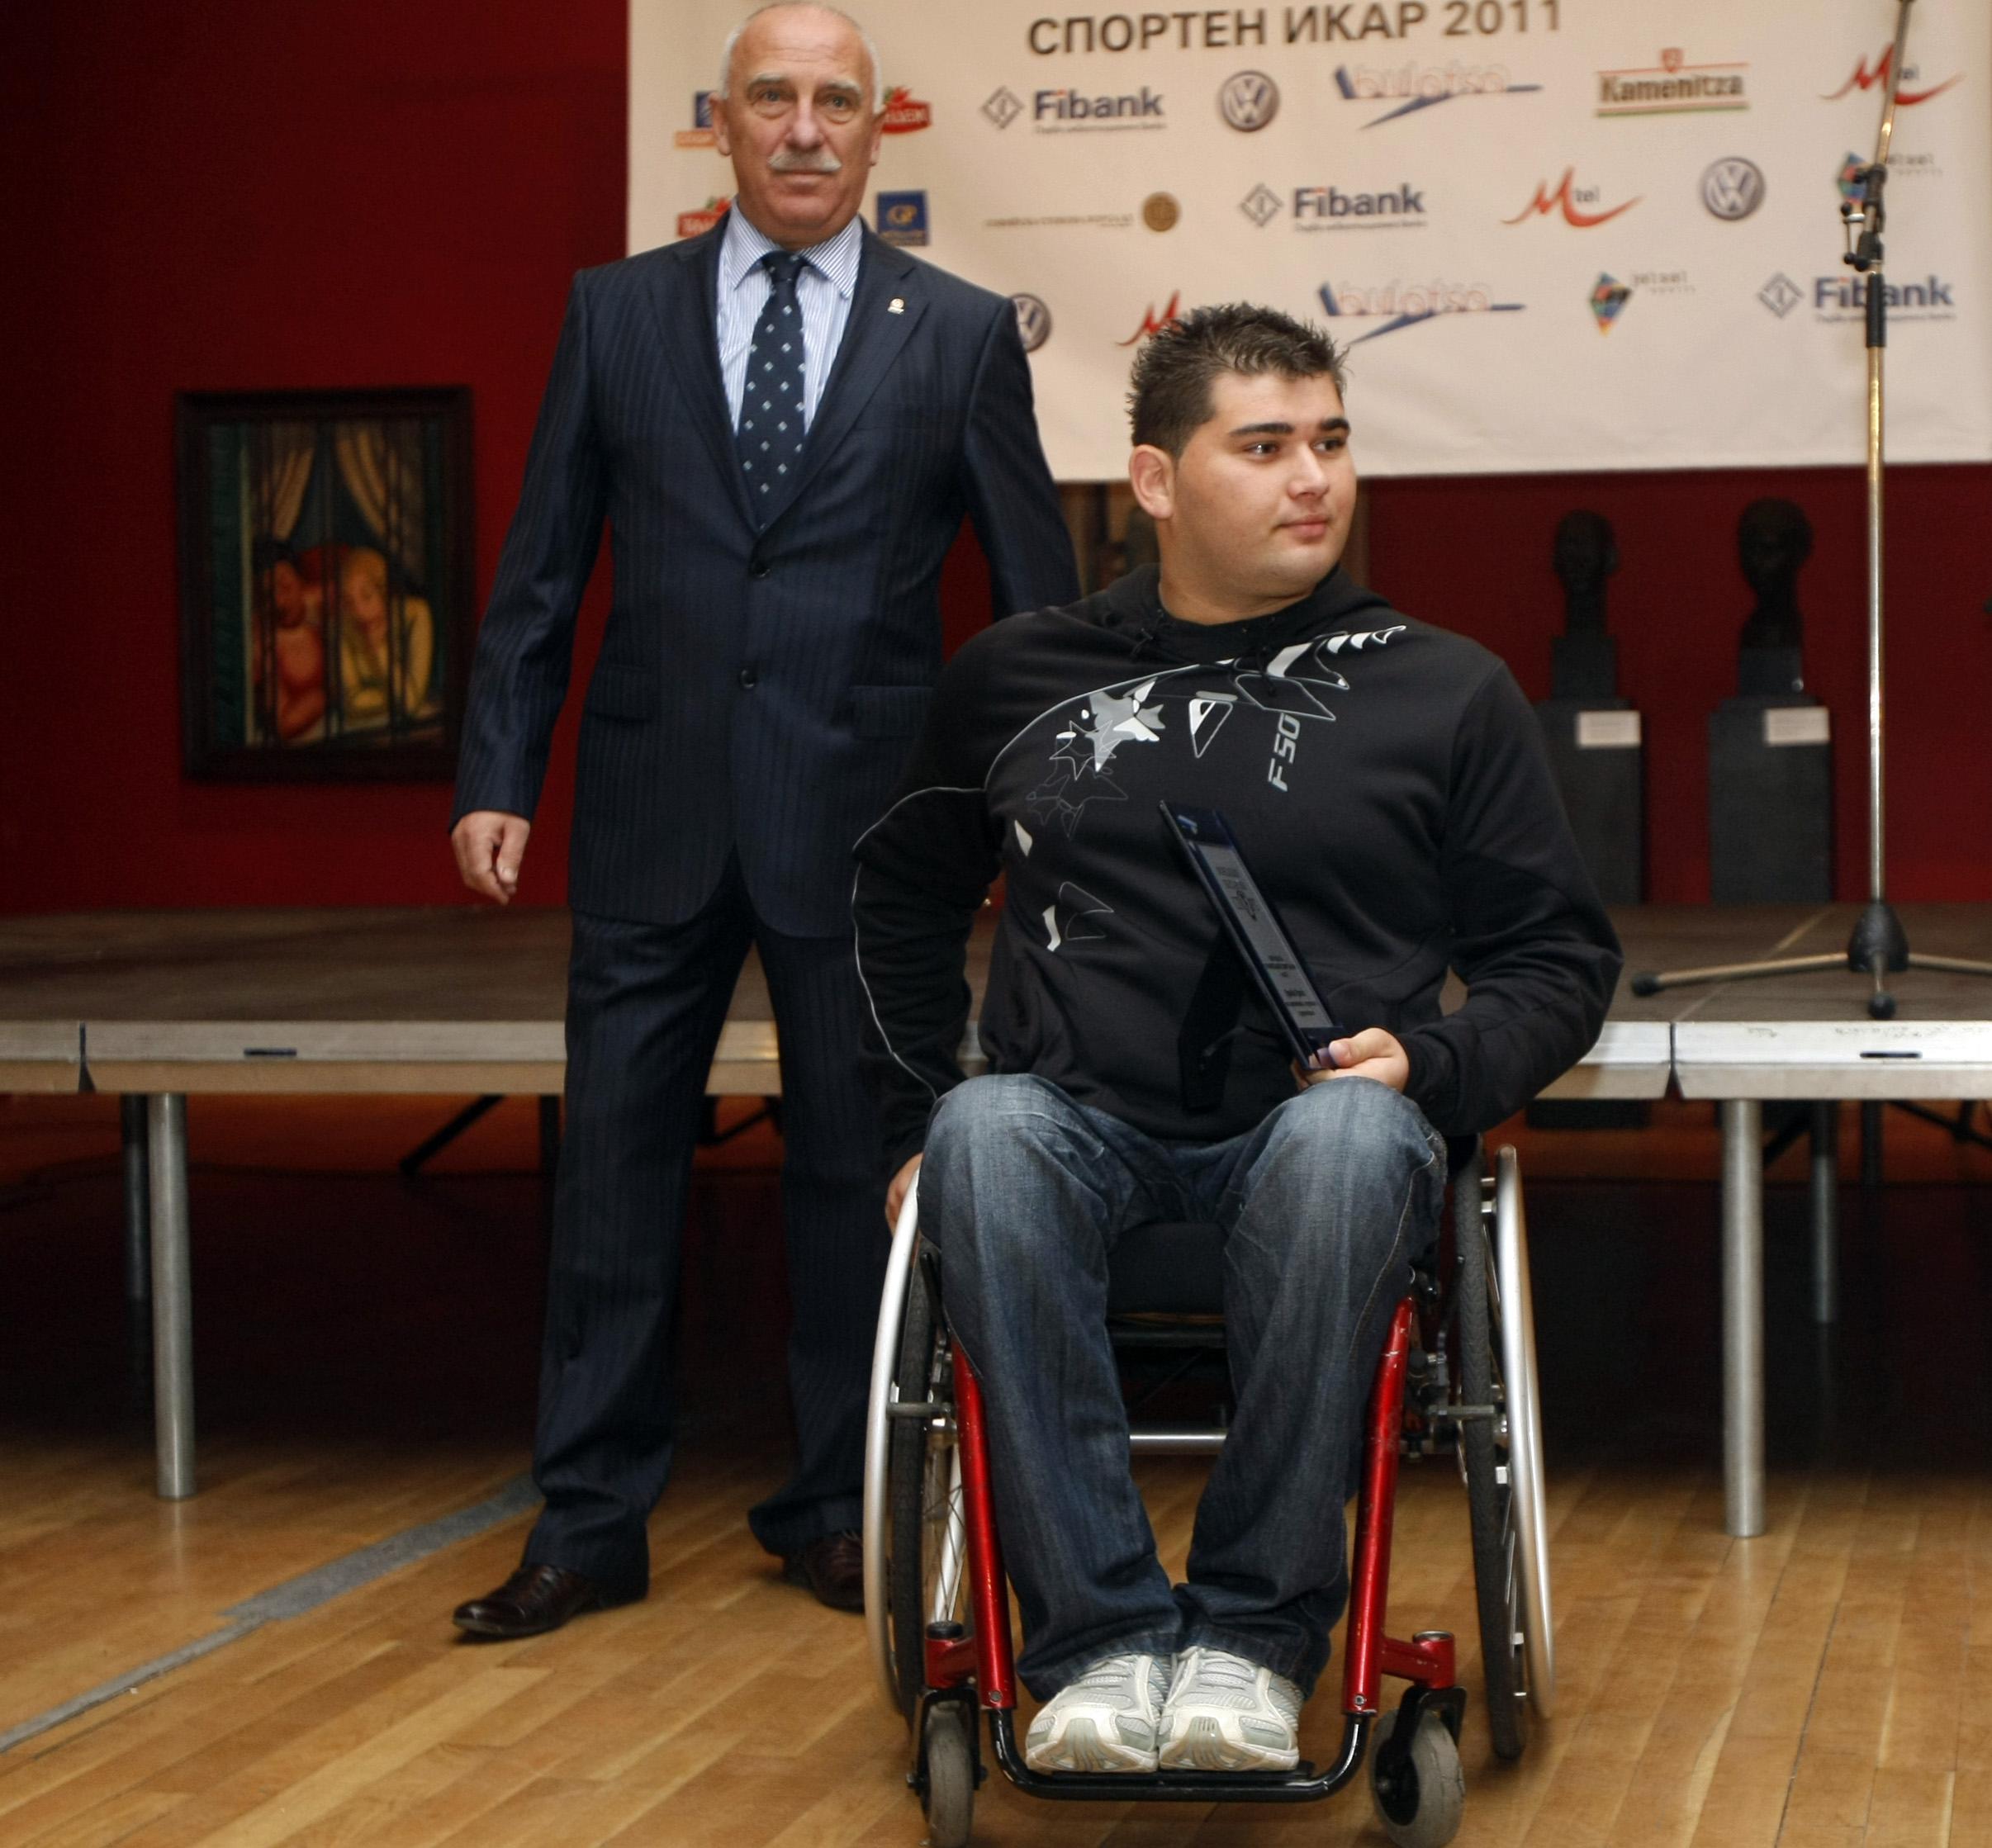 Ружди Ружди е спортист номер 1 с увреждания за 2011